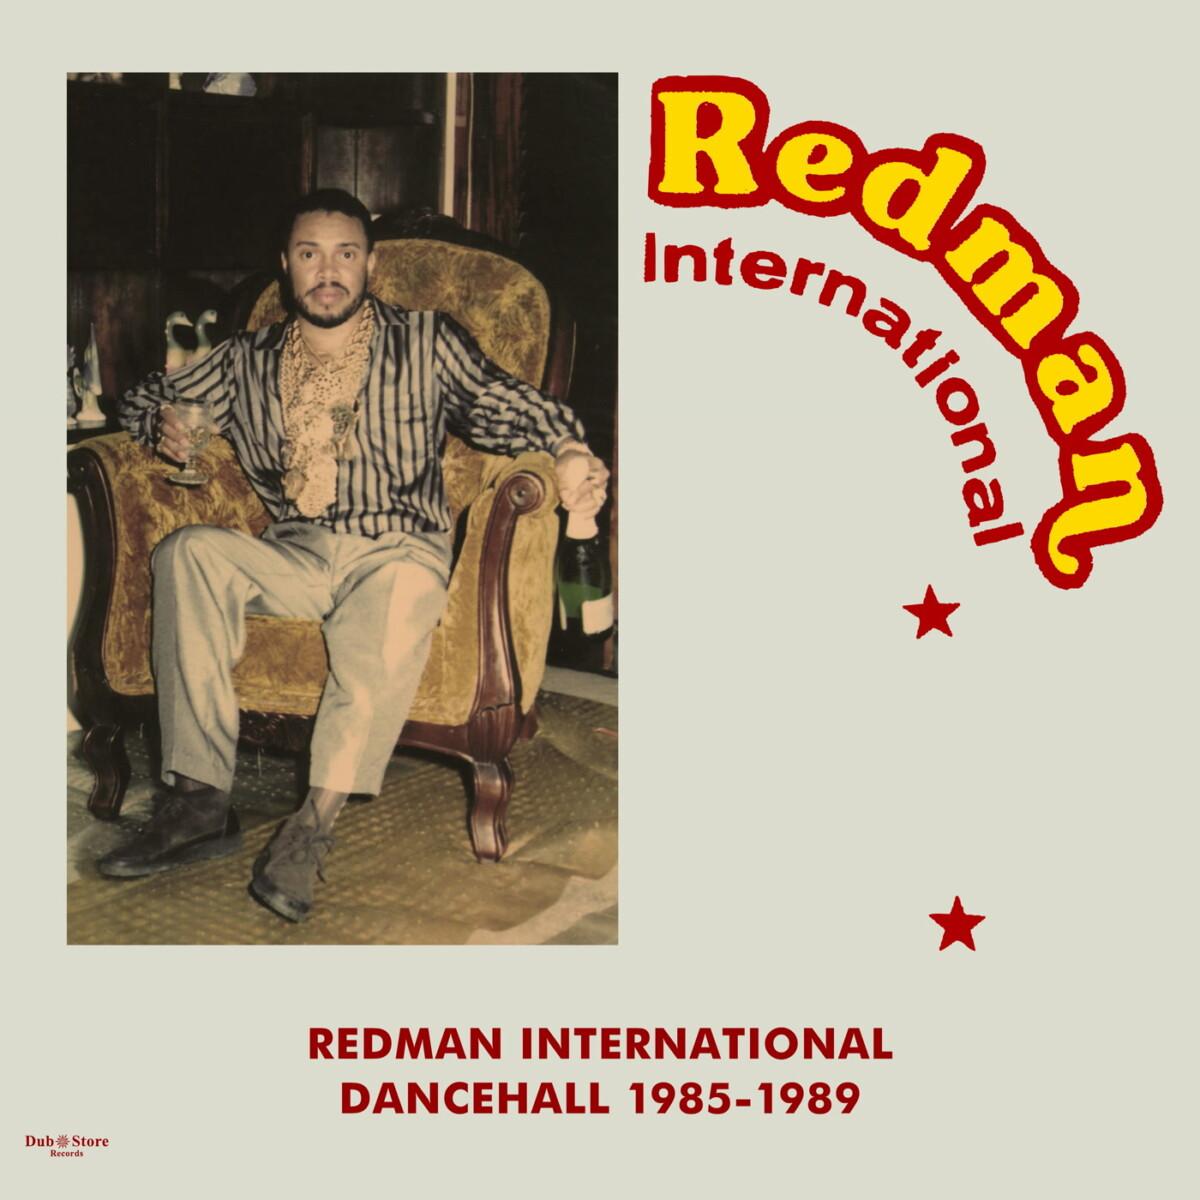 Redman-International-Dancehall-1985-1989